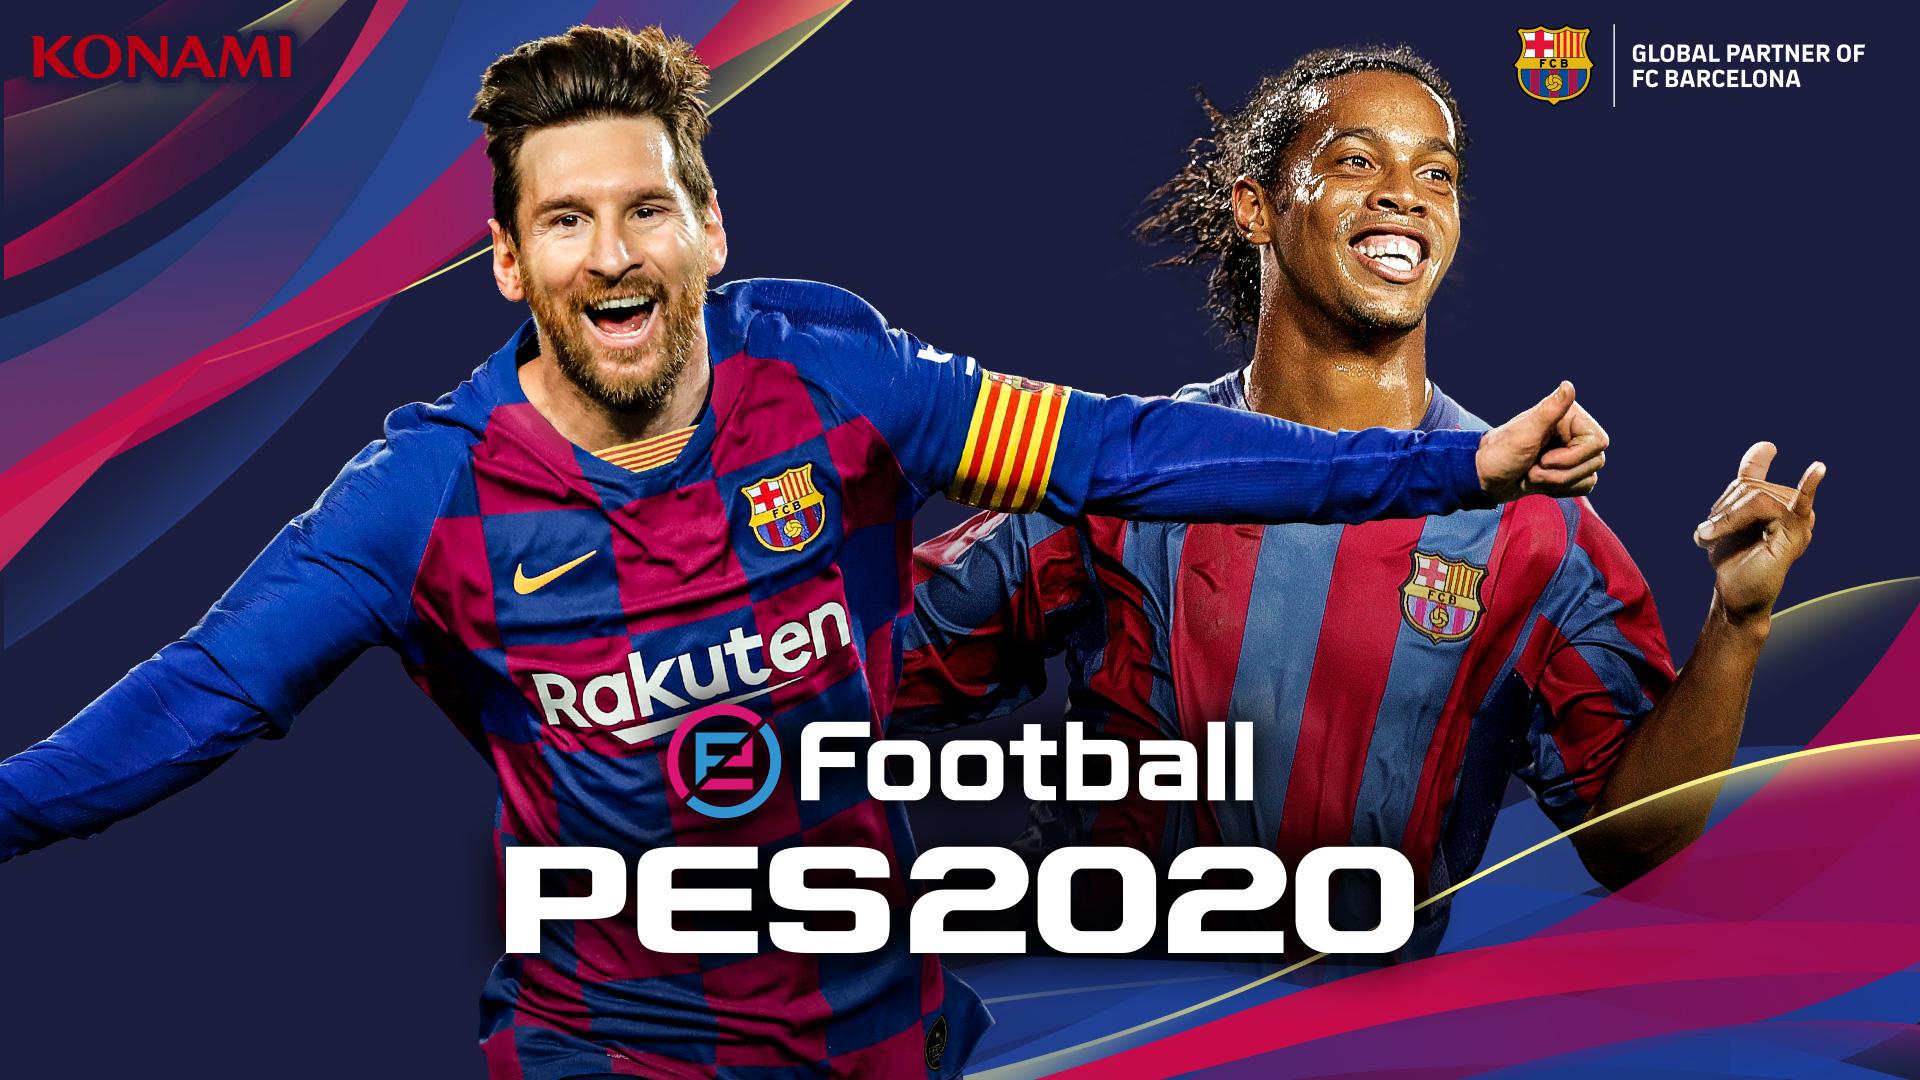 نقد و بررسی بازی PES 2020